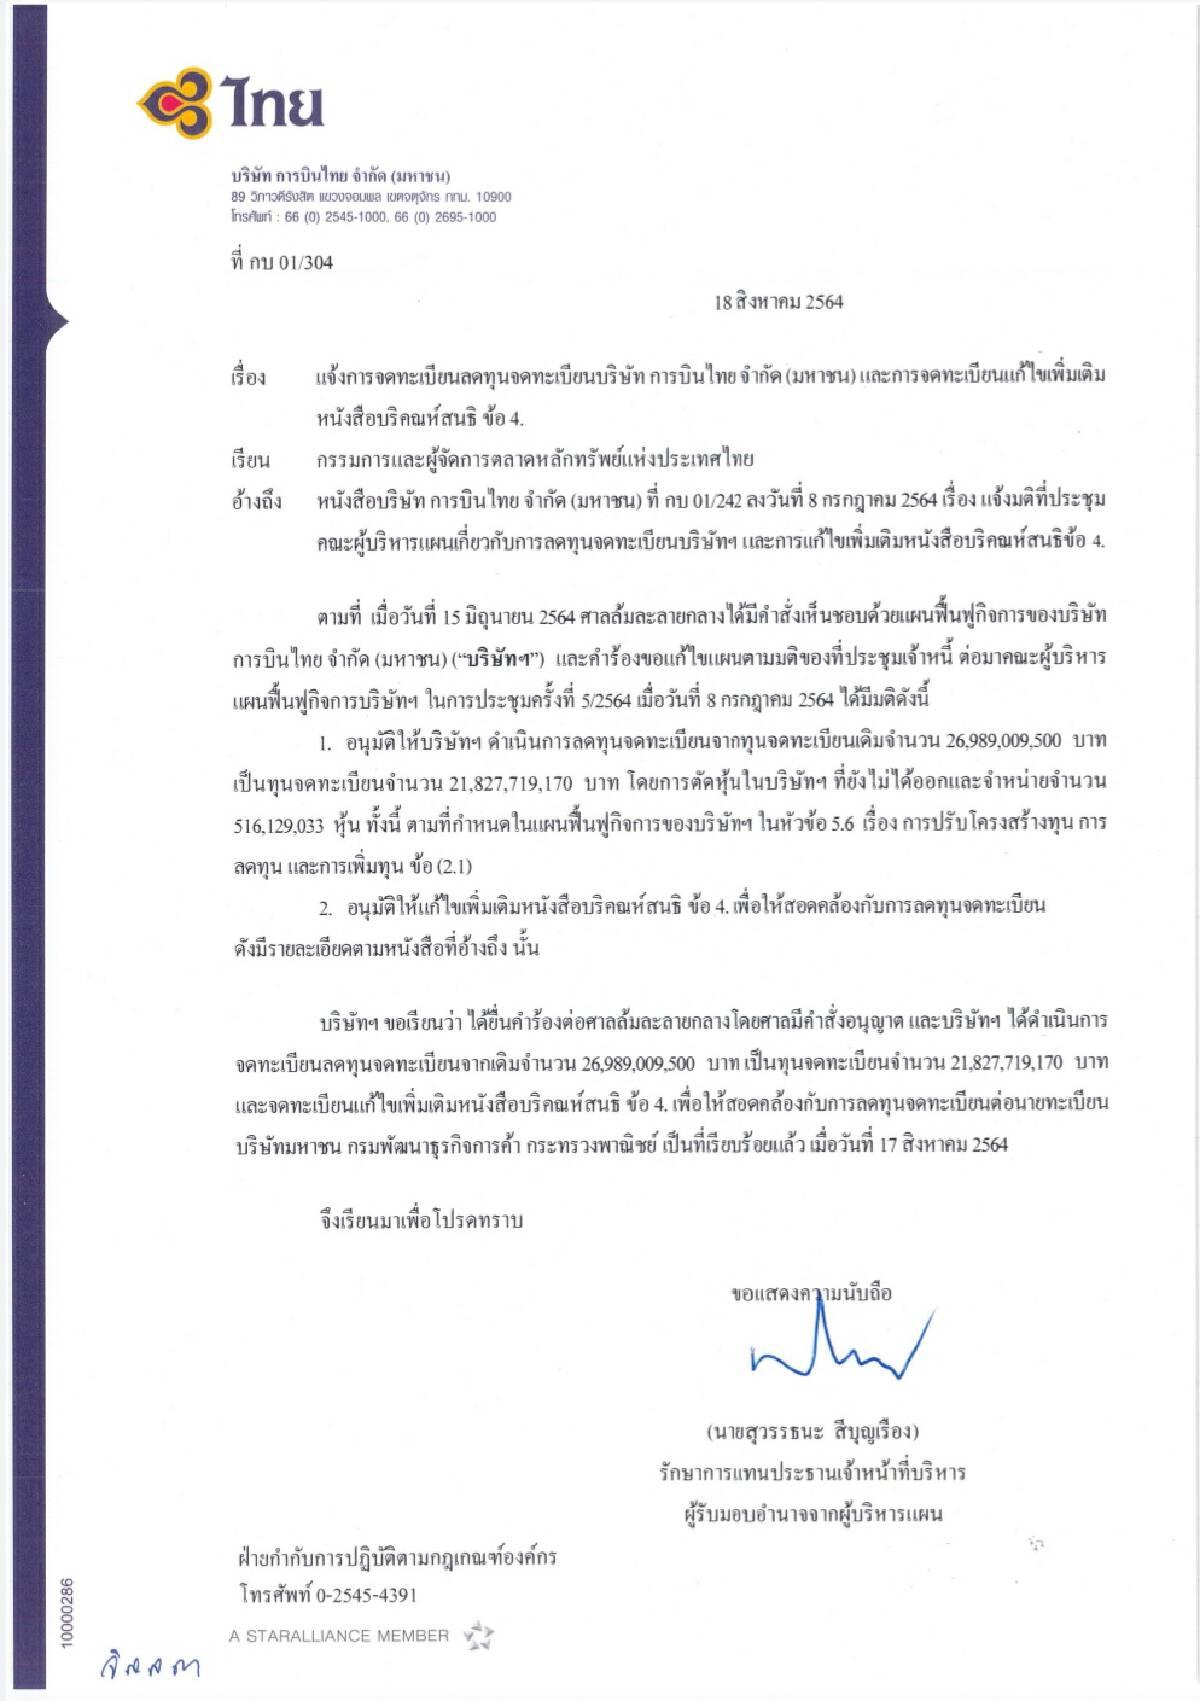 """ศาลล้มละลายกลางไฟเขียว """"การบินไทย"""" ลดทุนจดทะเบียนเหลือ 2.1 หมื่นล้าน"""